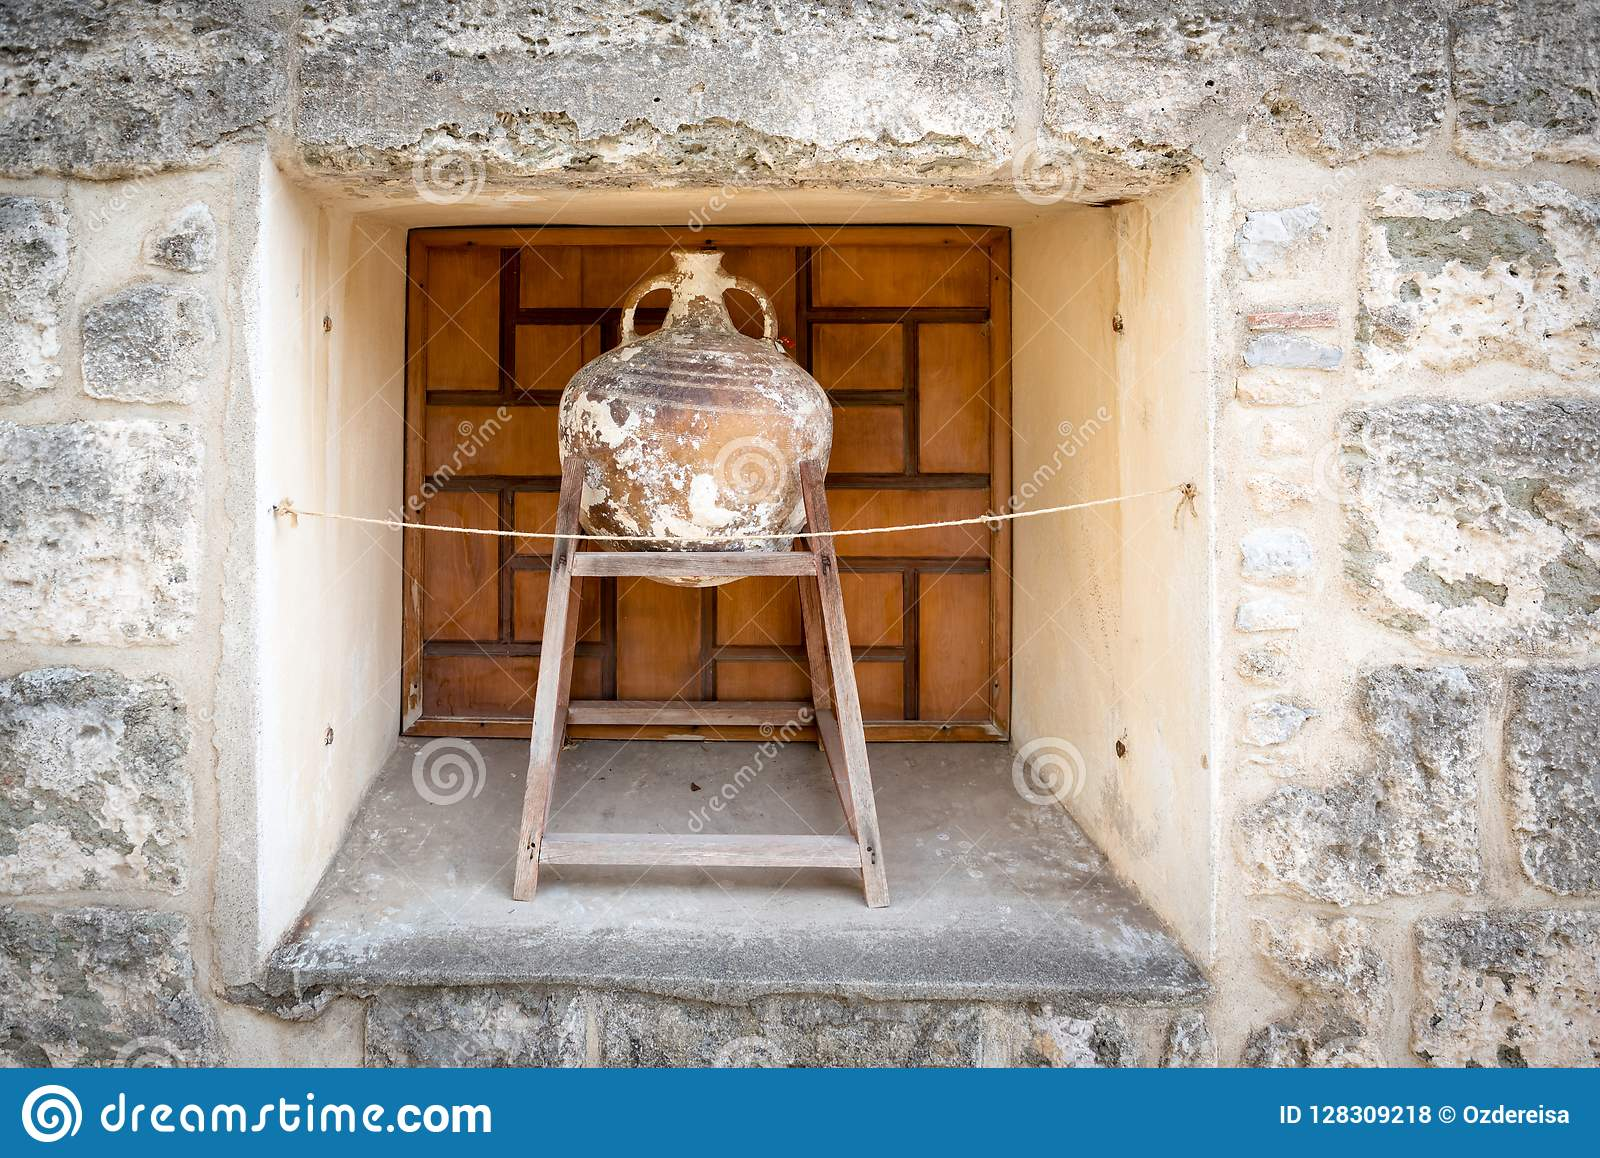 Amphora inside of Castle of St. Peter or Bodrum Castle